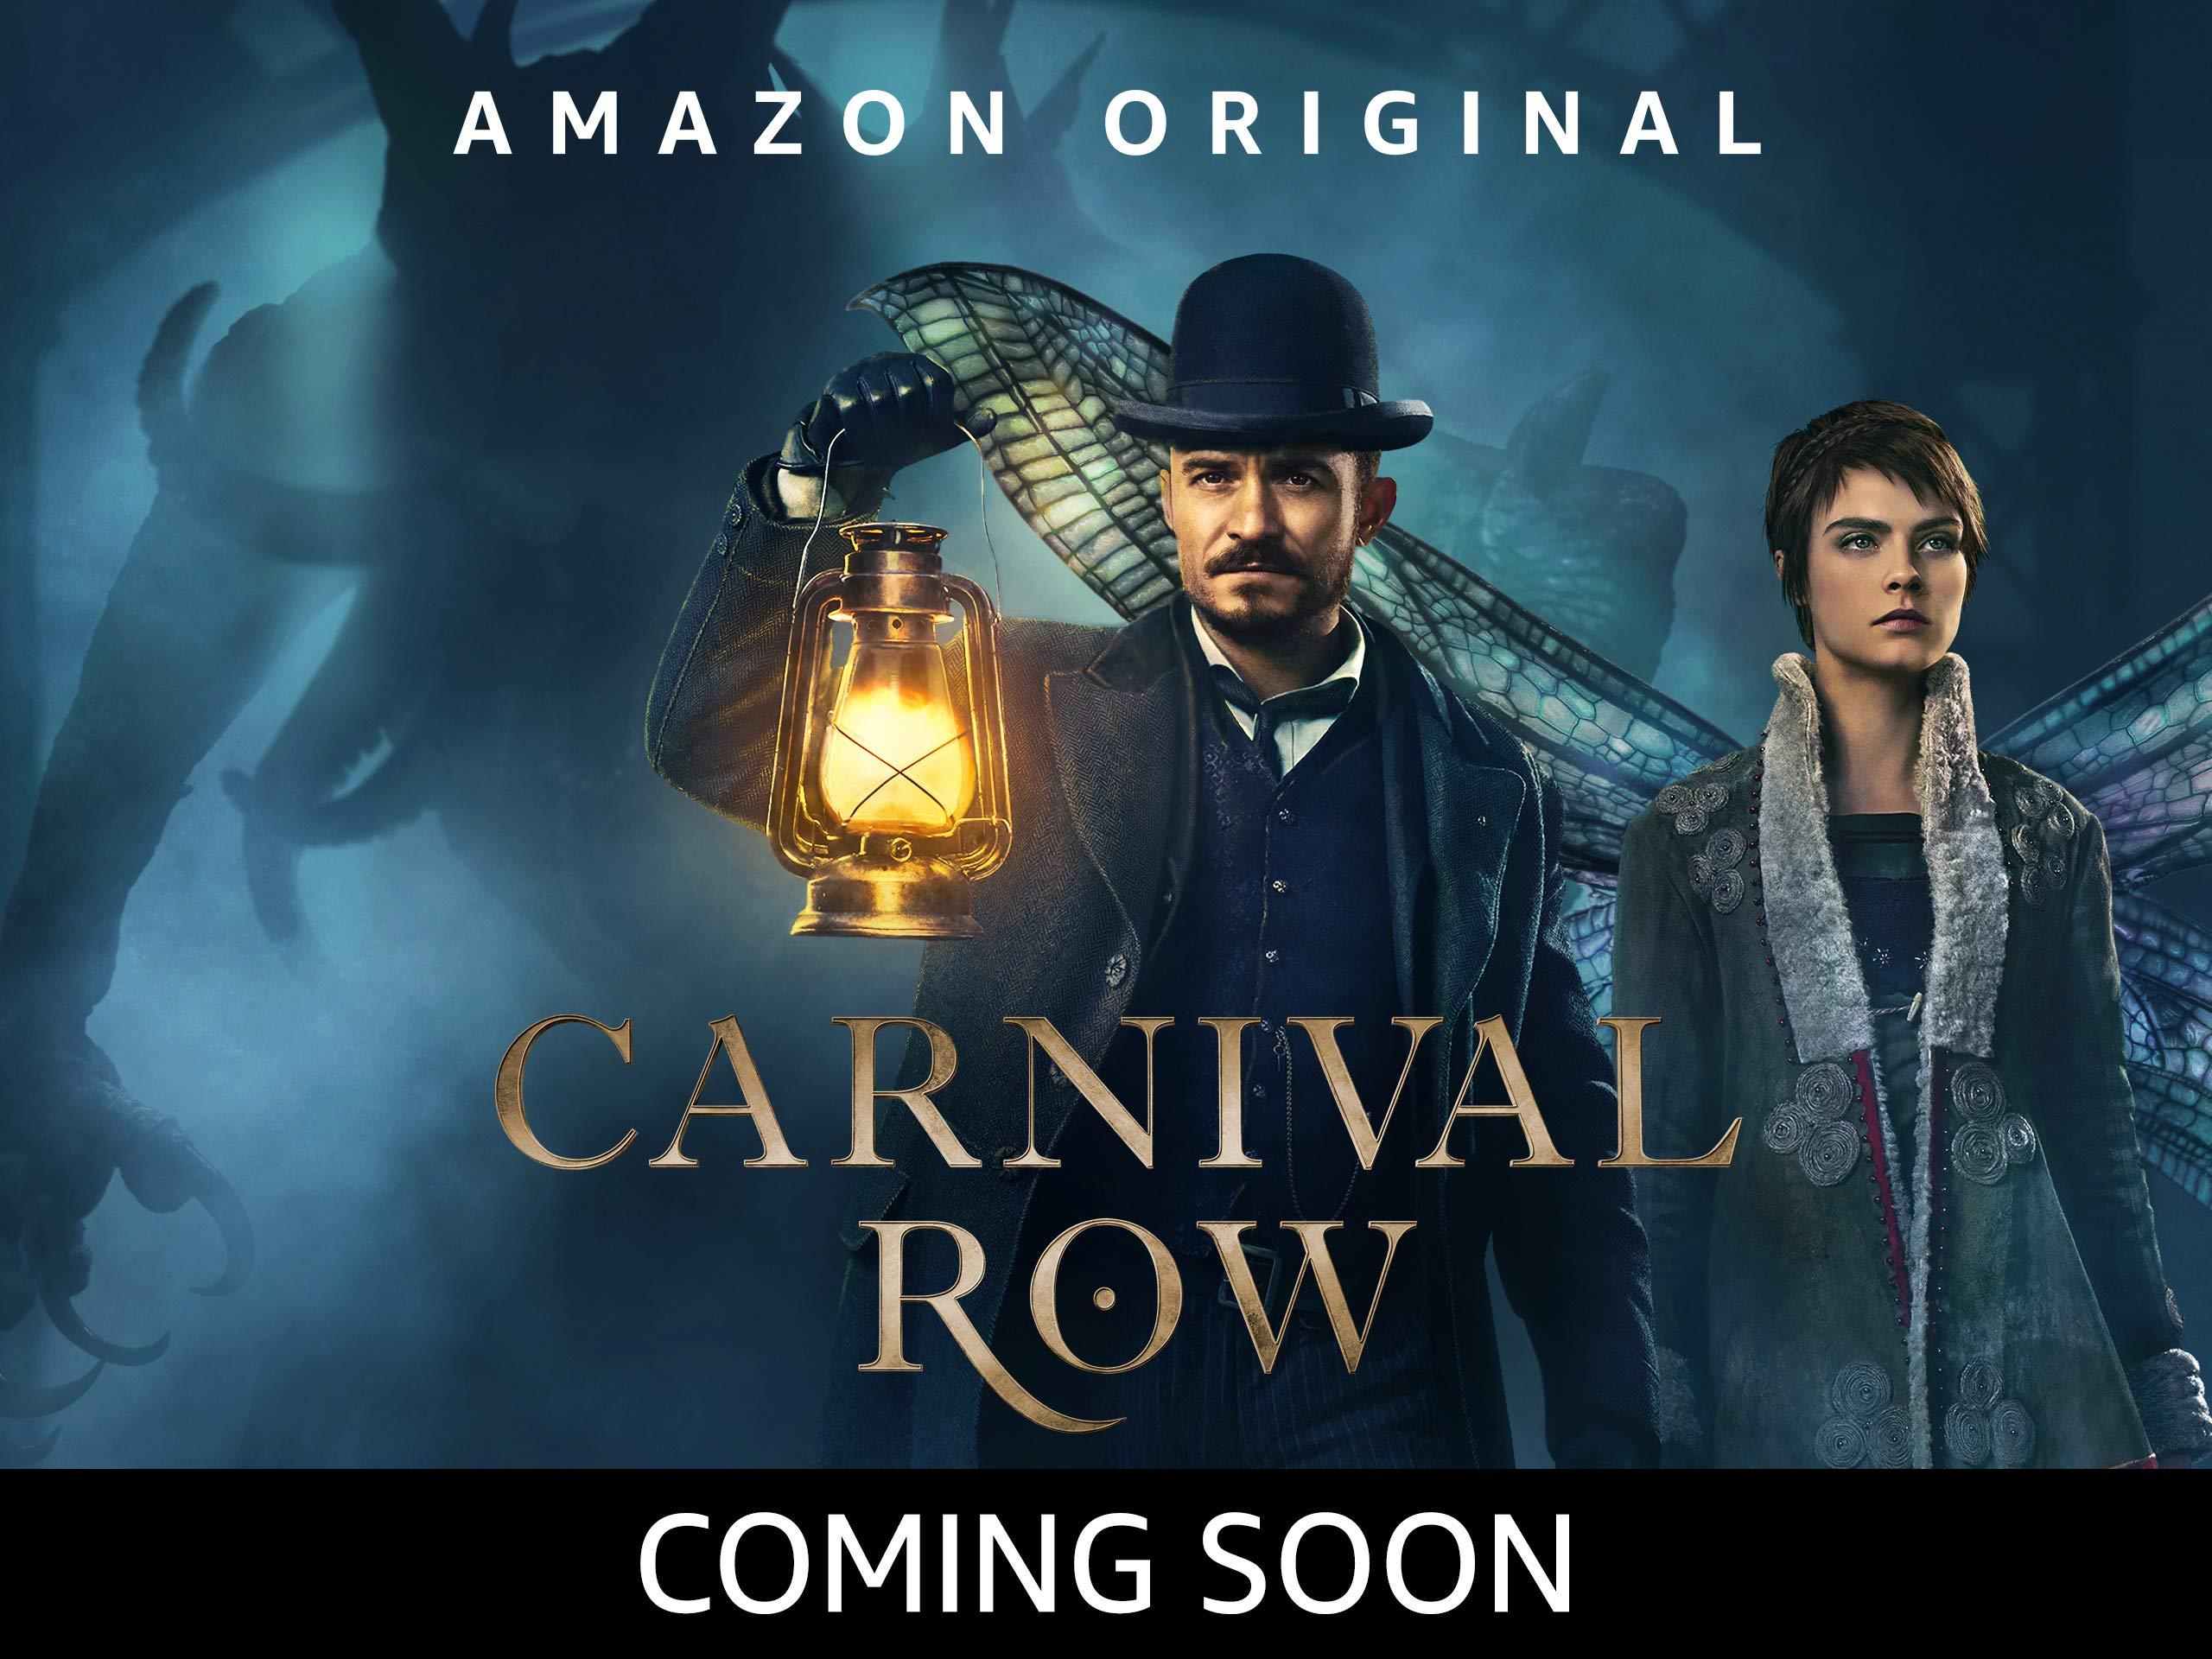 Amazon.com: Carnival Row - Season 1: Orlando Bloom, Cara Delevingne ...